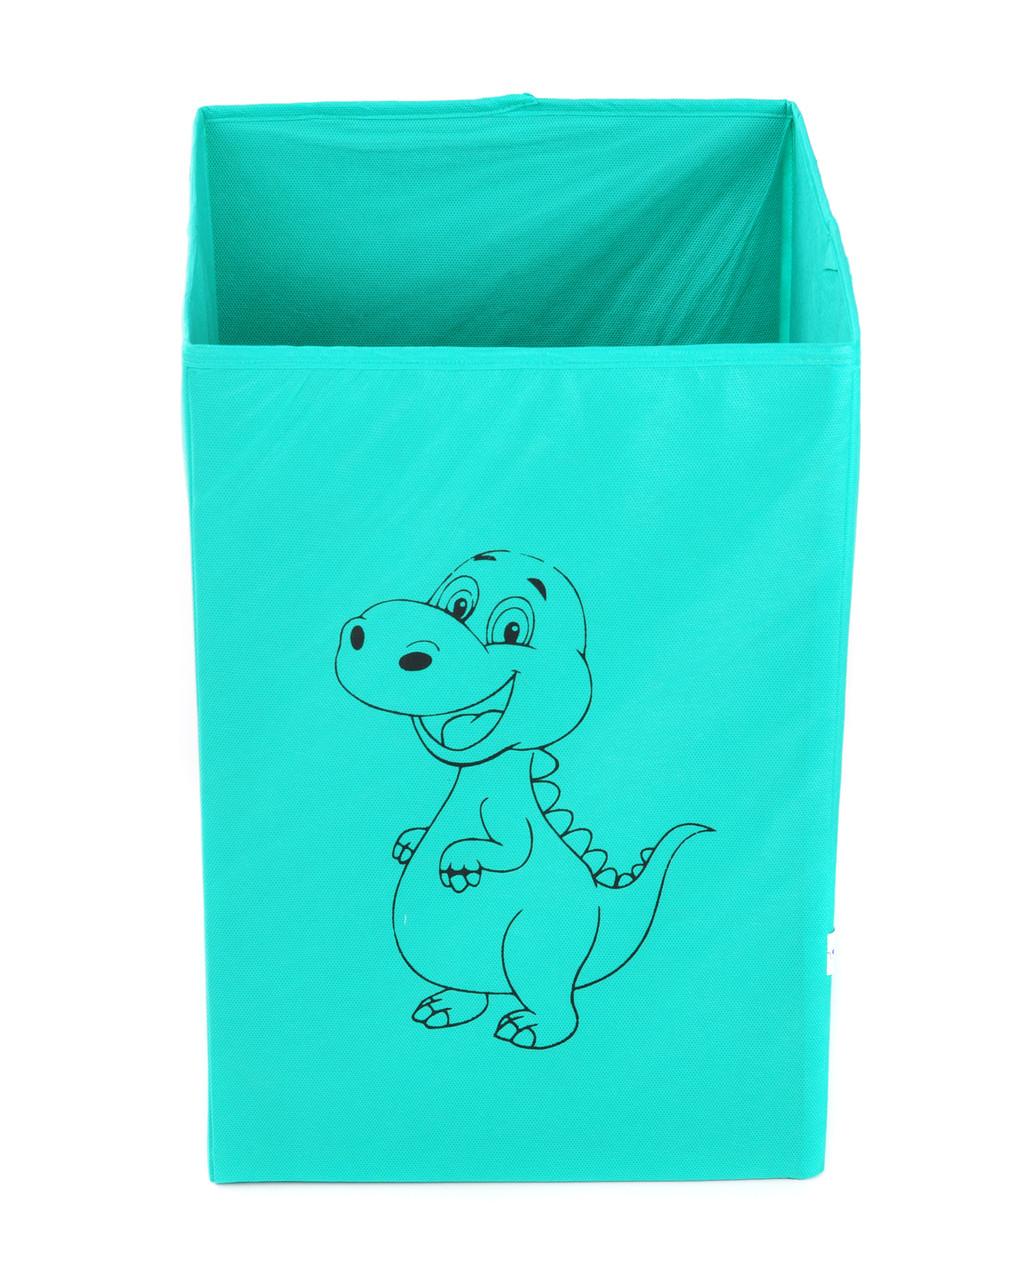 Детский ящик для игрушек без крышки Динозавр, 30*30 см